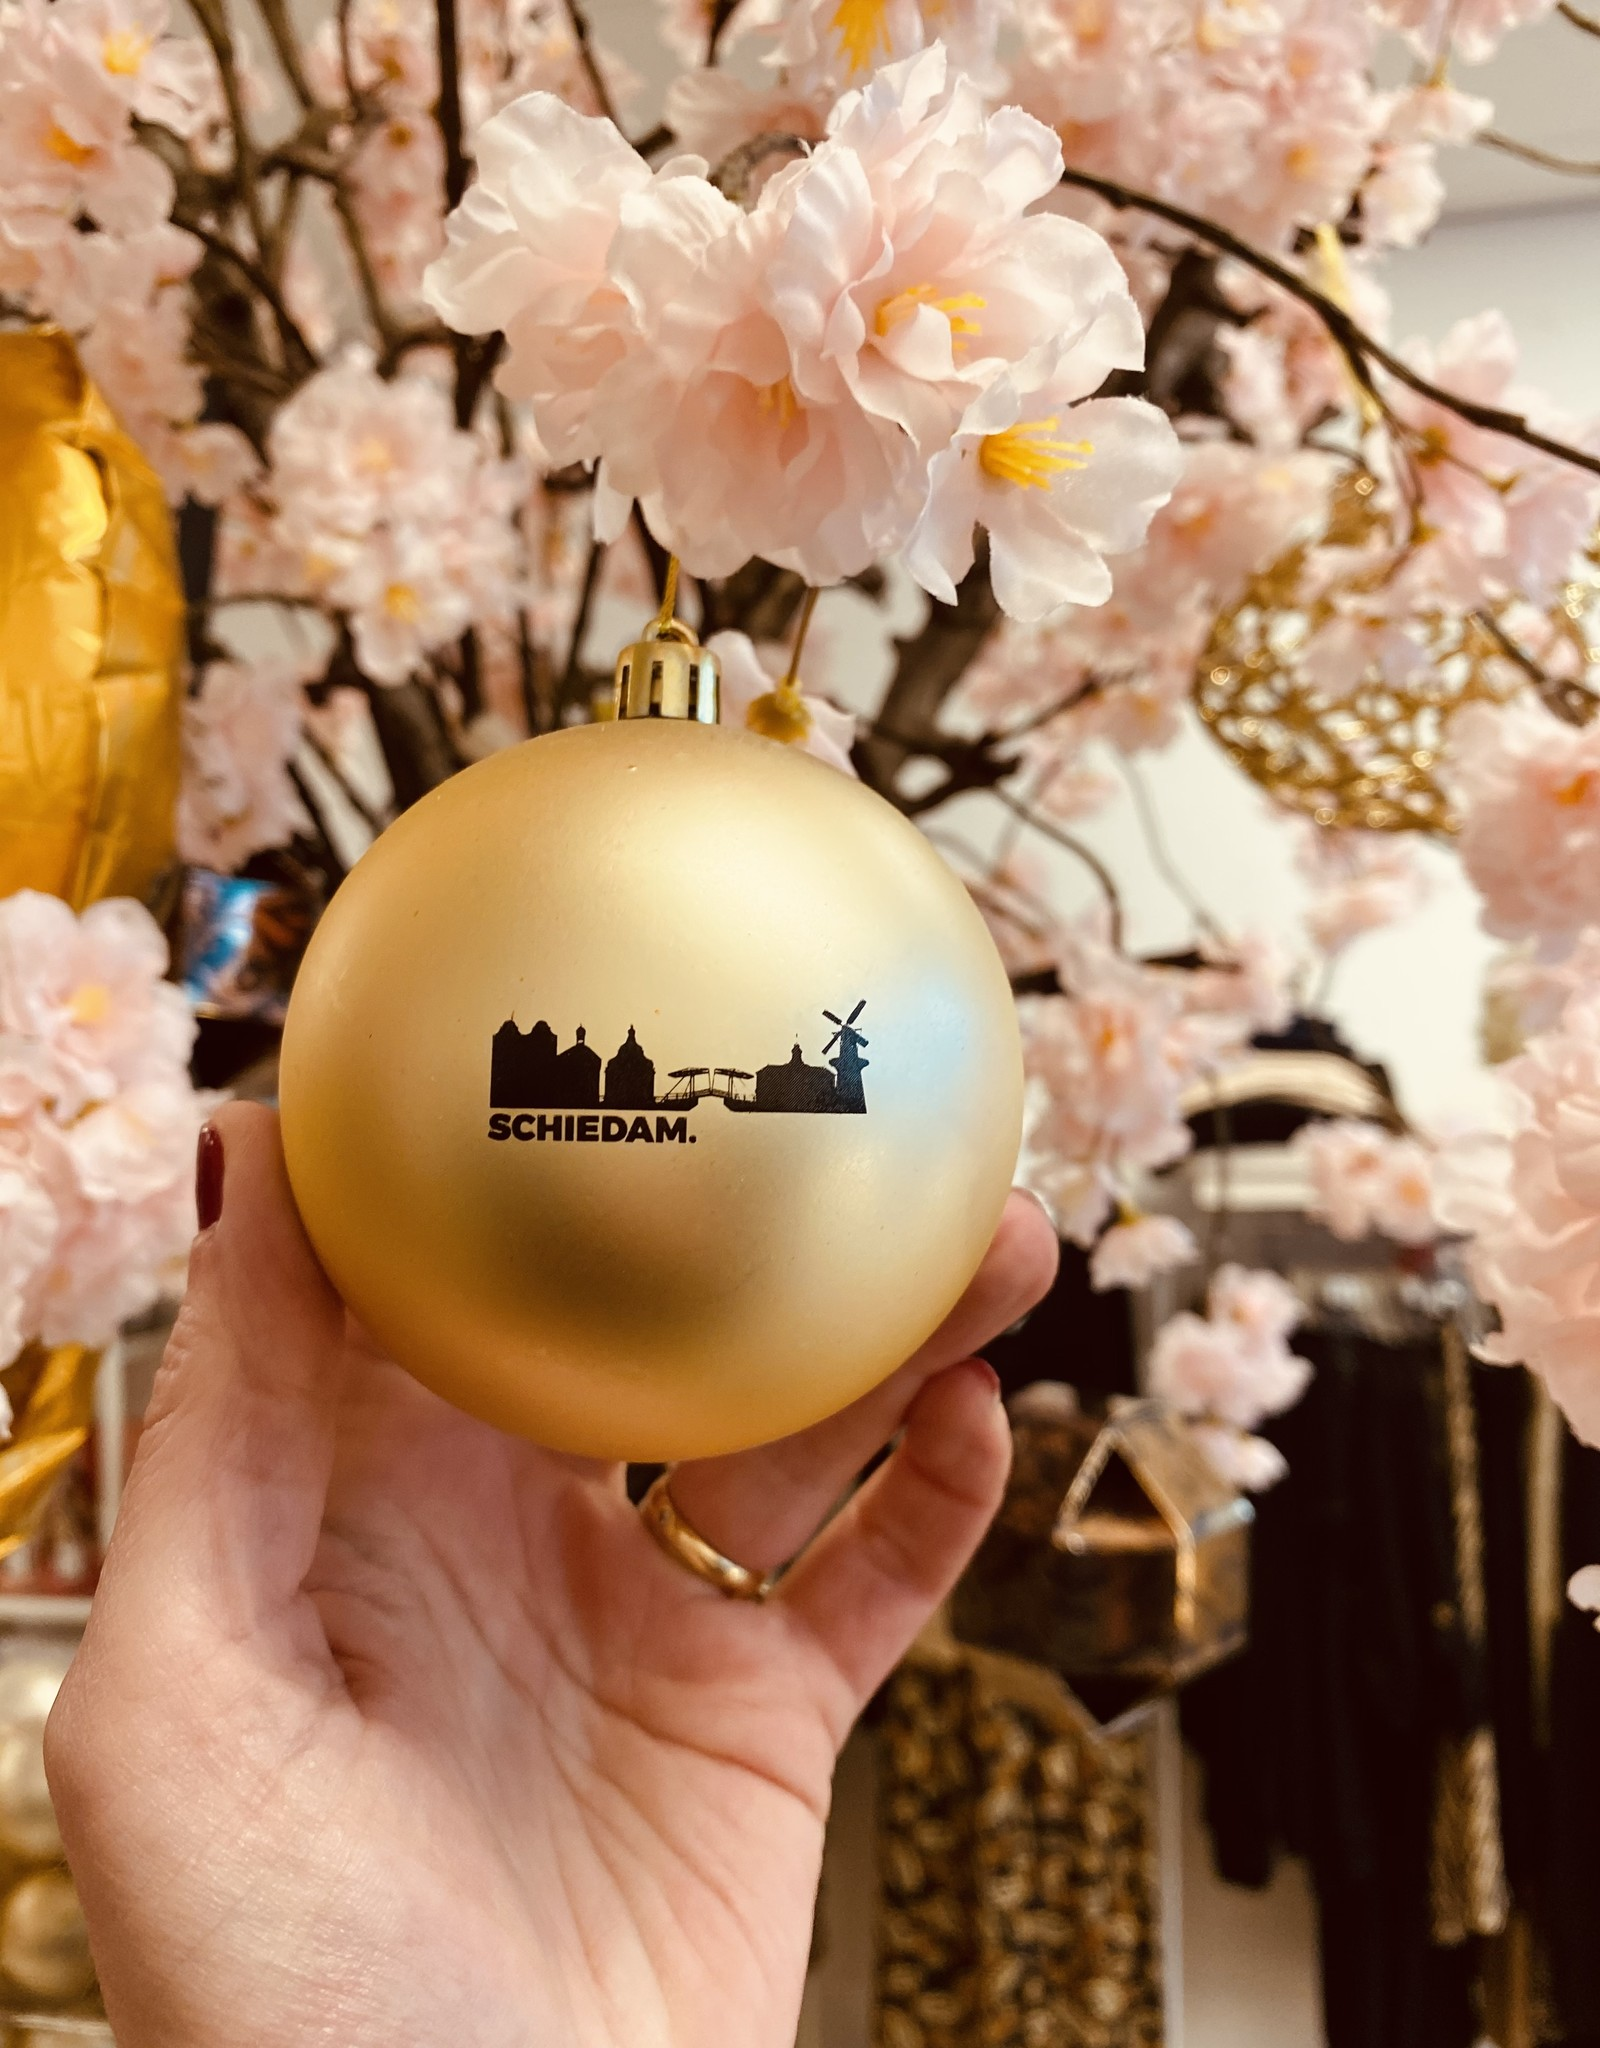 SCHIEDAM. kerstbal logo goud